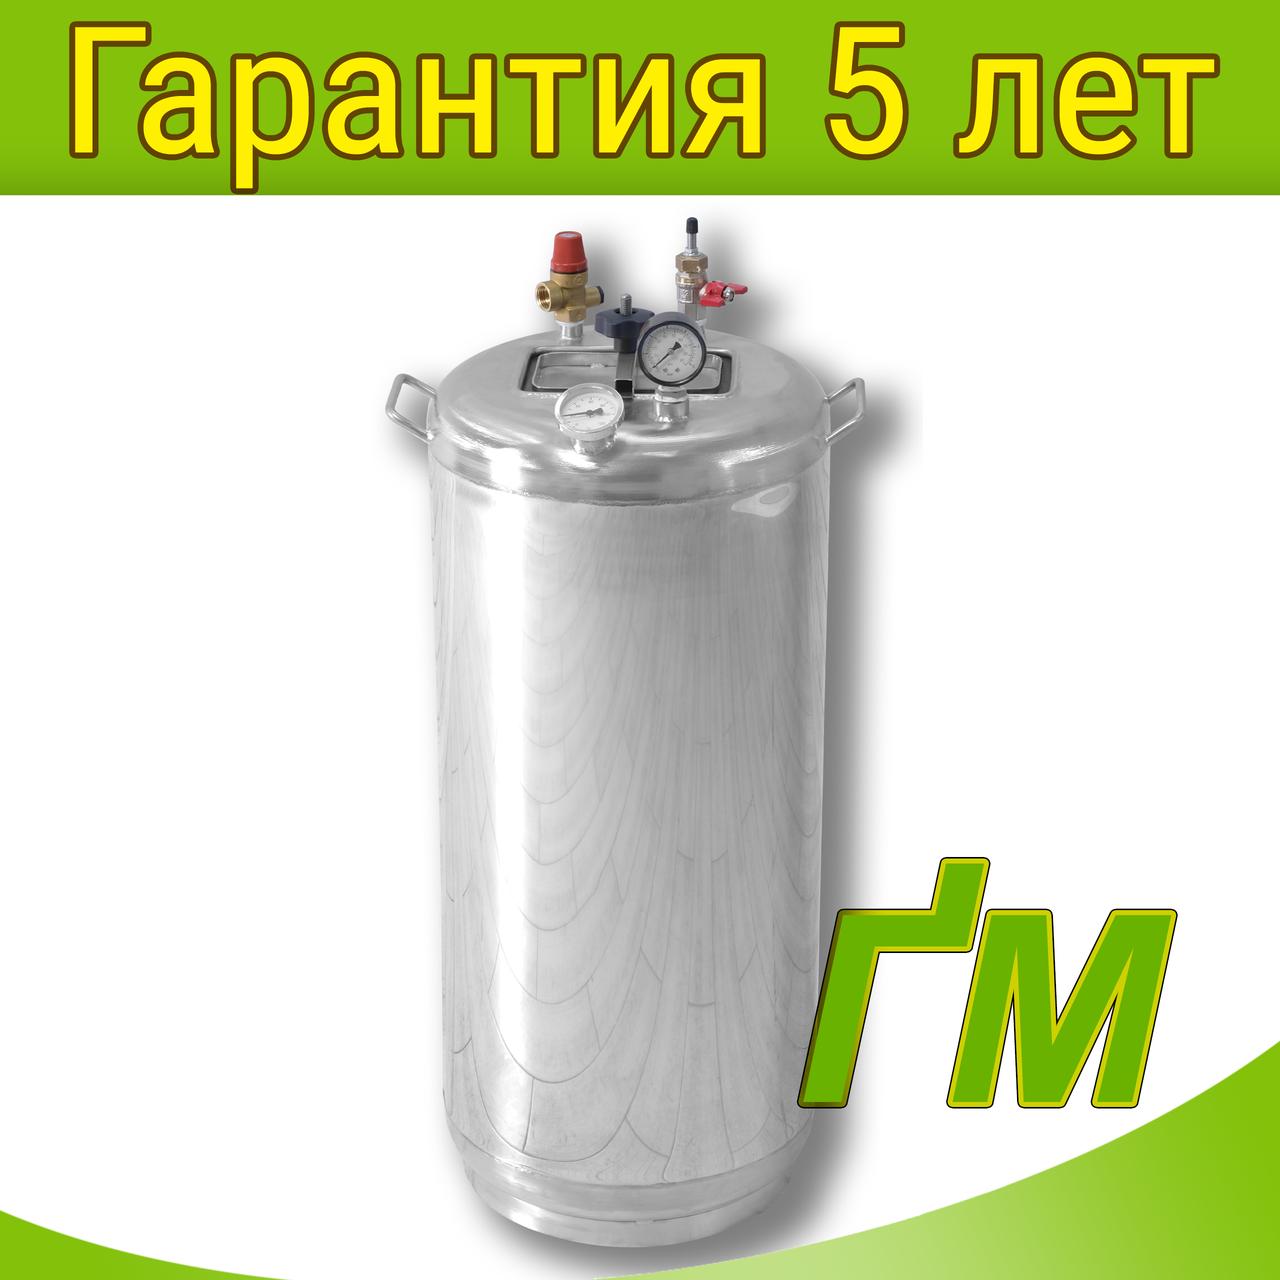 Автоклав ГУД-40 (нержавеющая сталь на 40 банок) + подарок